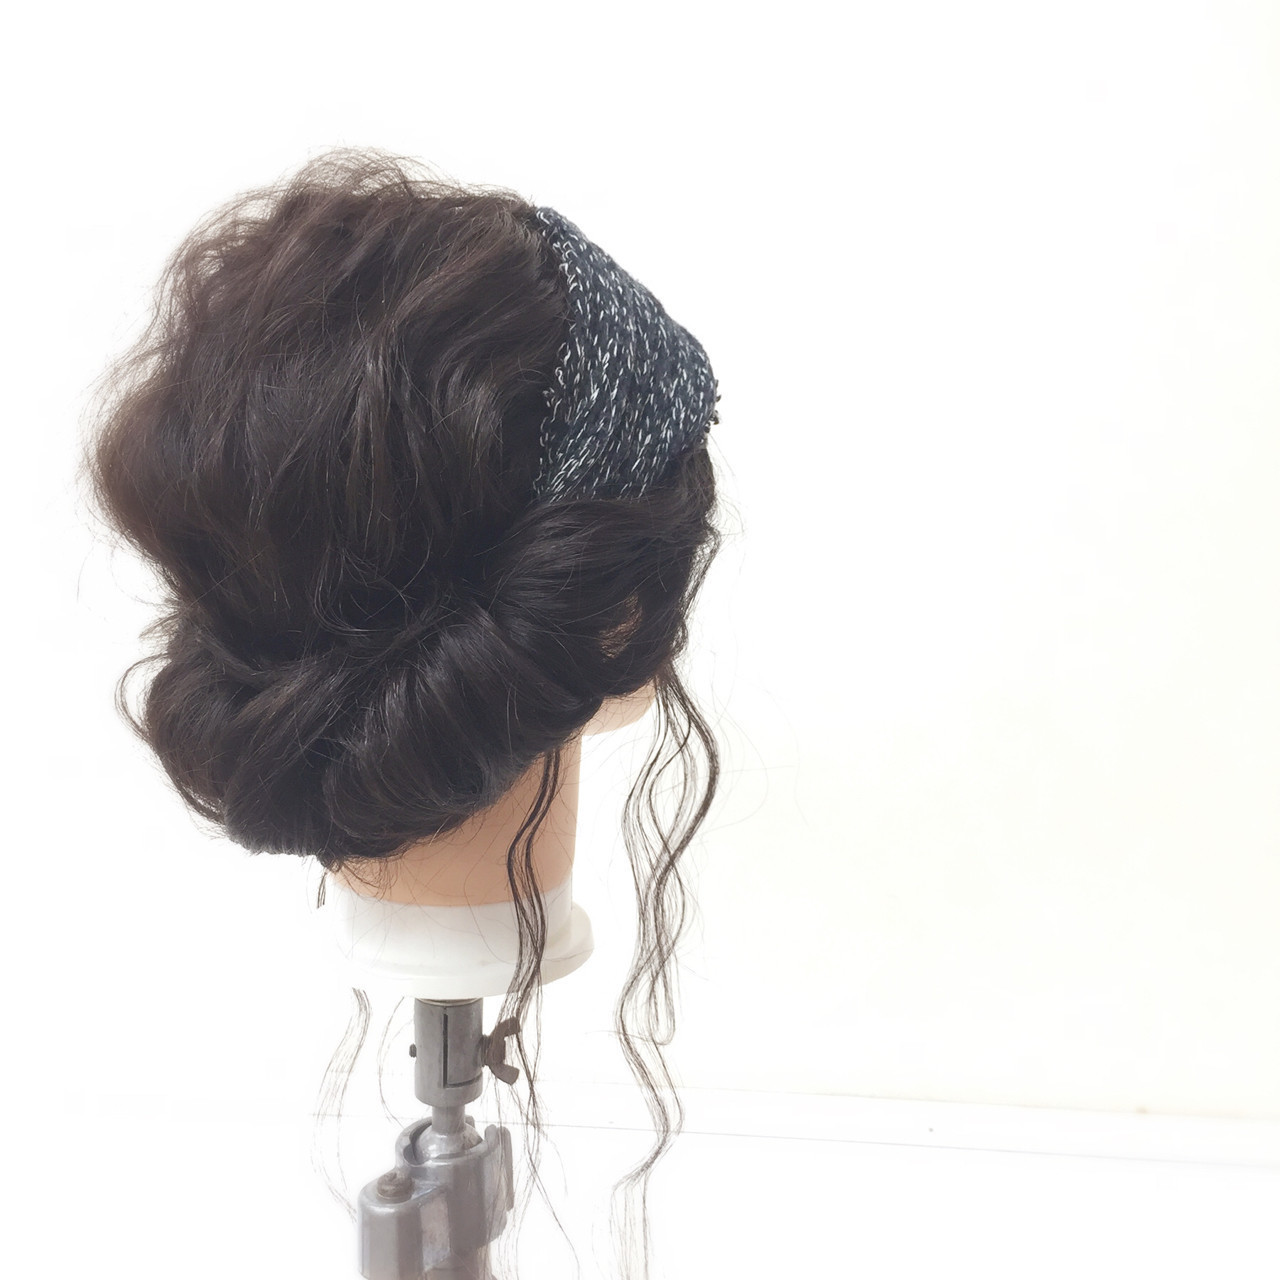 愛されヘアに変身♡黒髪のトレンド髪型を《年代別&シーン別》に紹介の11枚目の画像